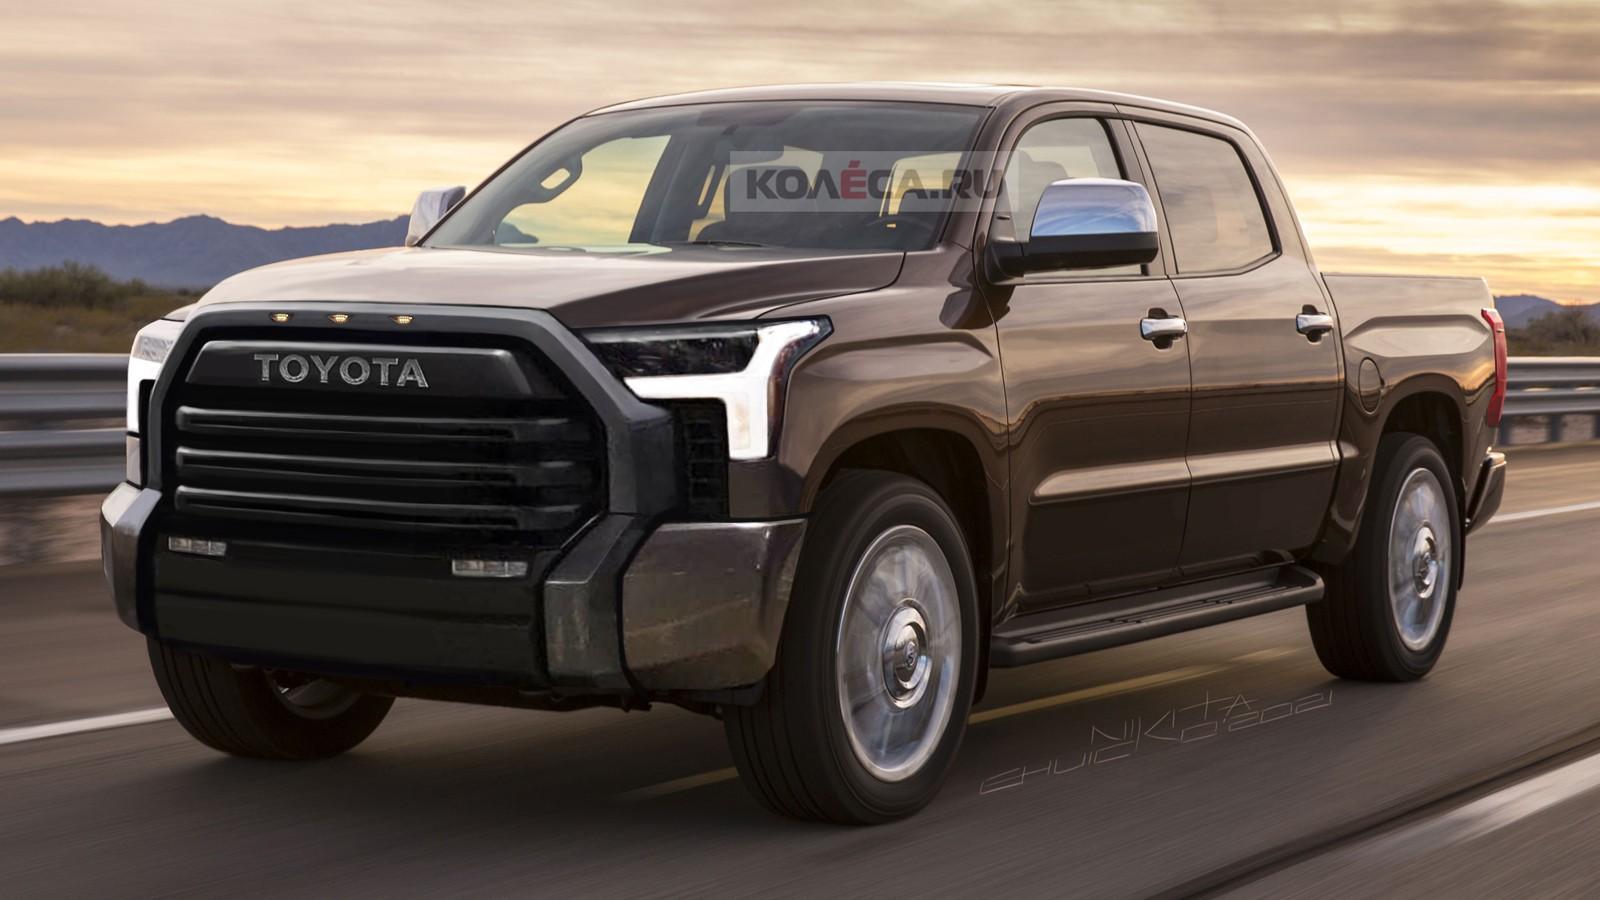 Toyota Tundra следующего поколения: новые изображения